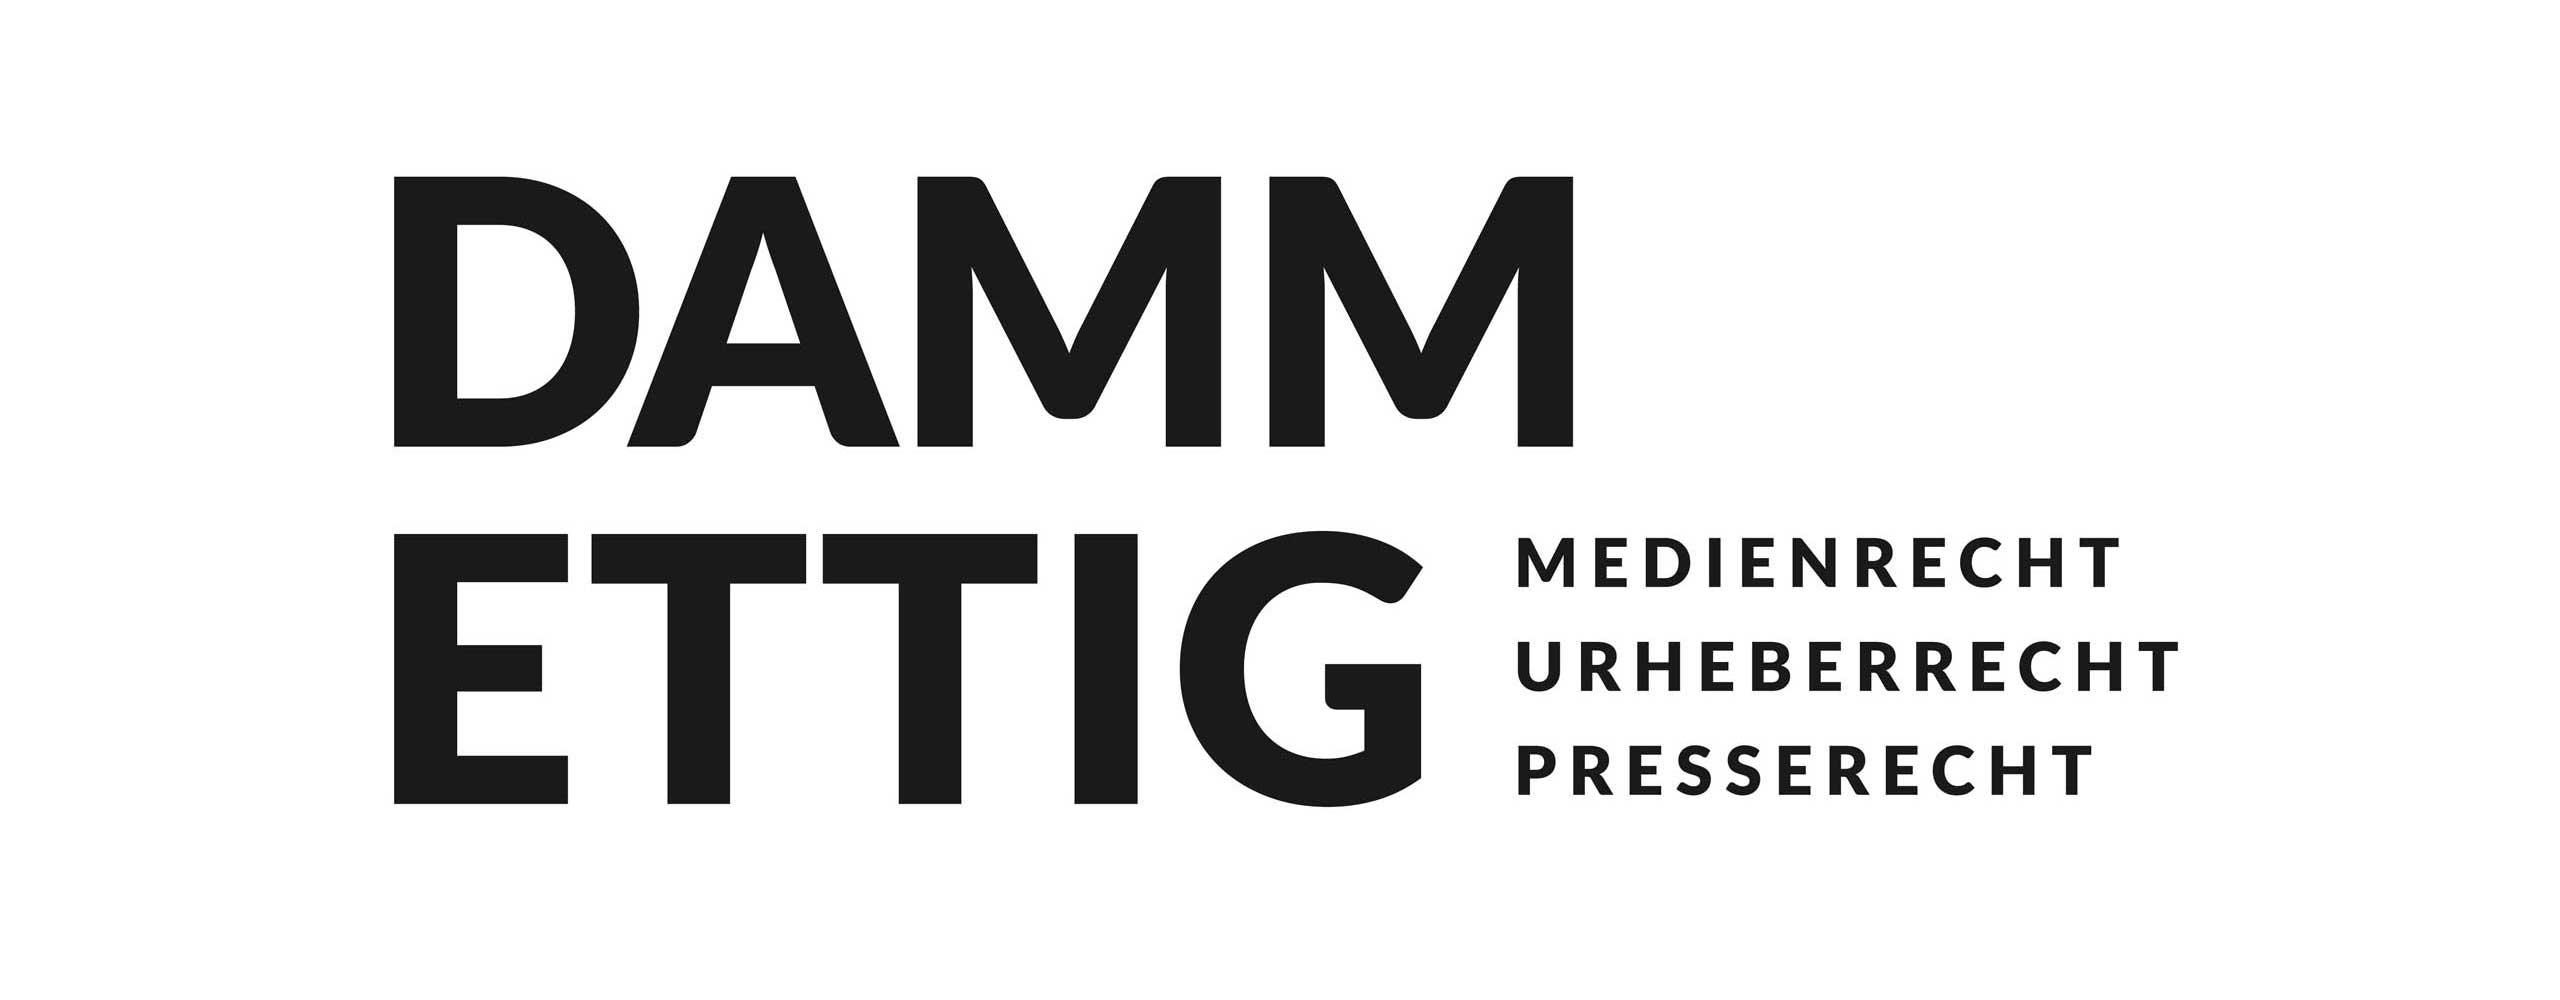 Logo-Design für DAMM ETTIG Rechtsanwälte